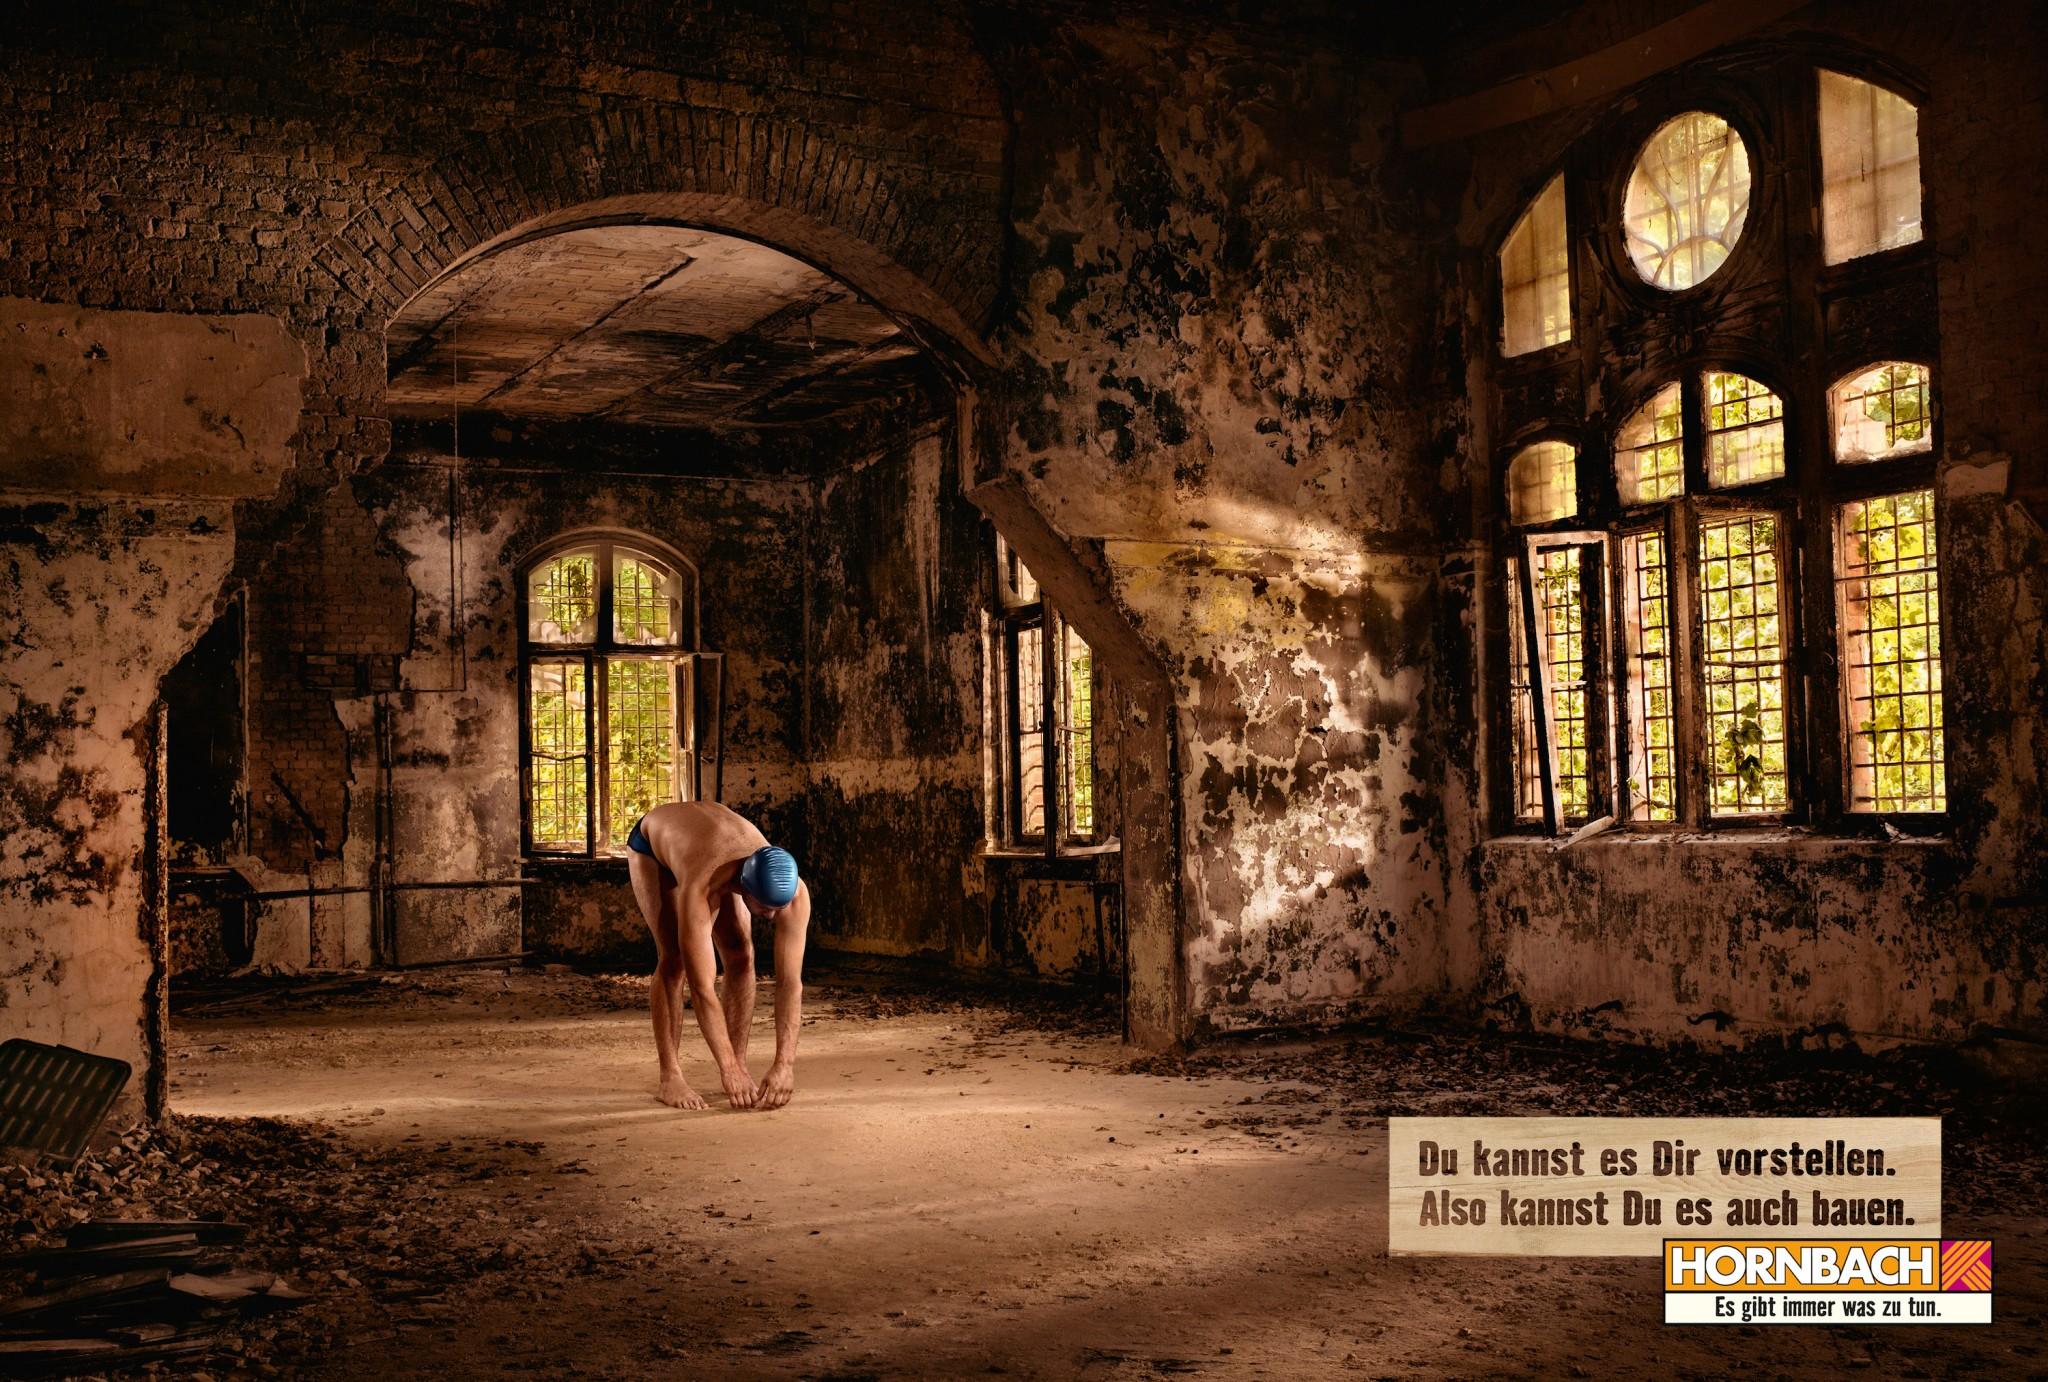 Client: Hornbach | Photographer: Markus Mueller